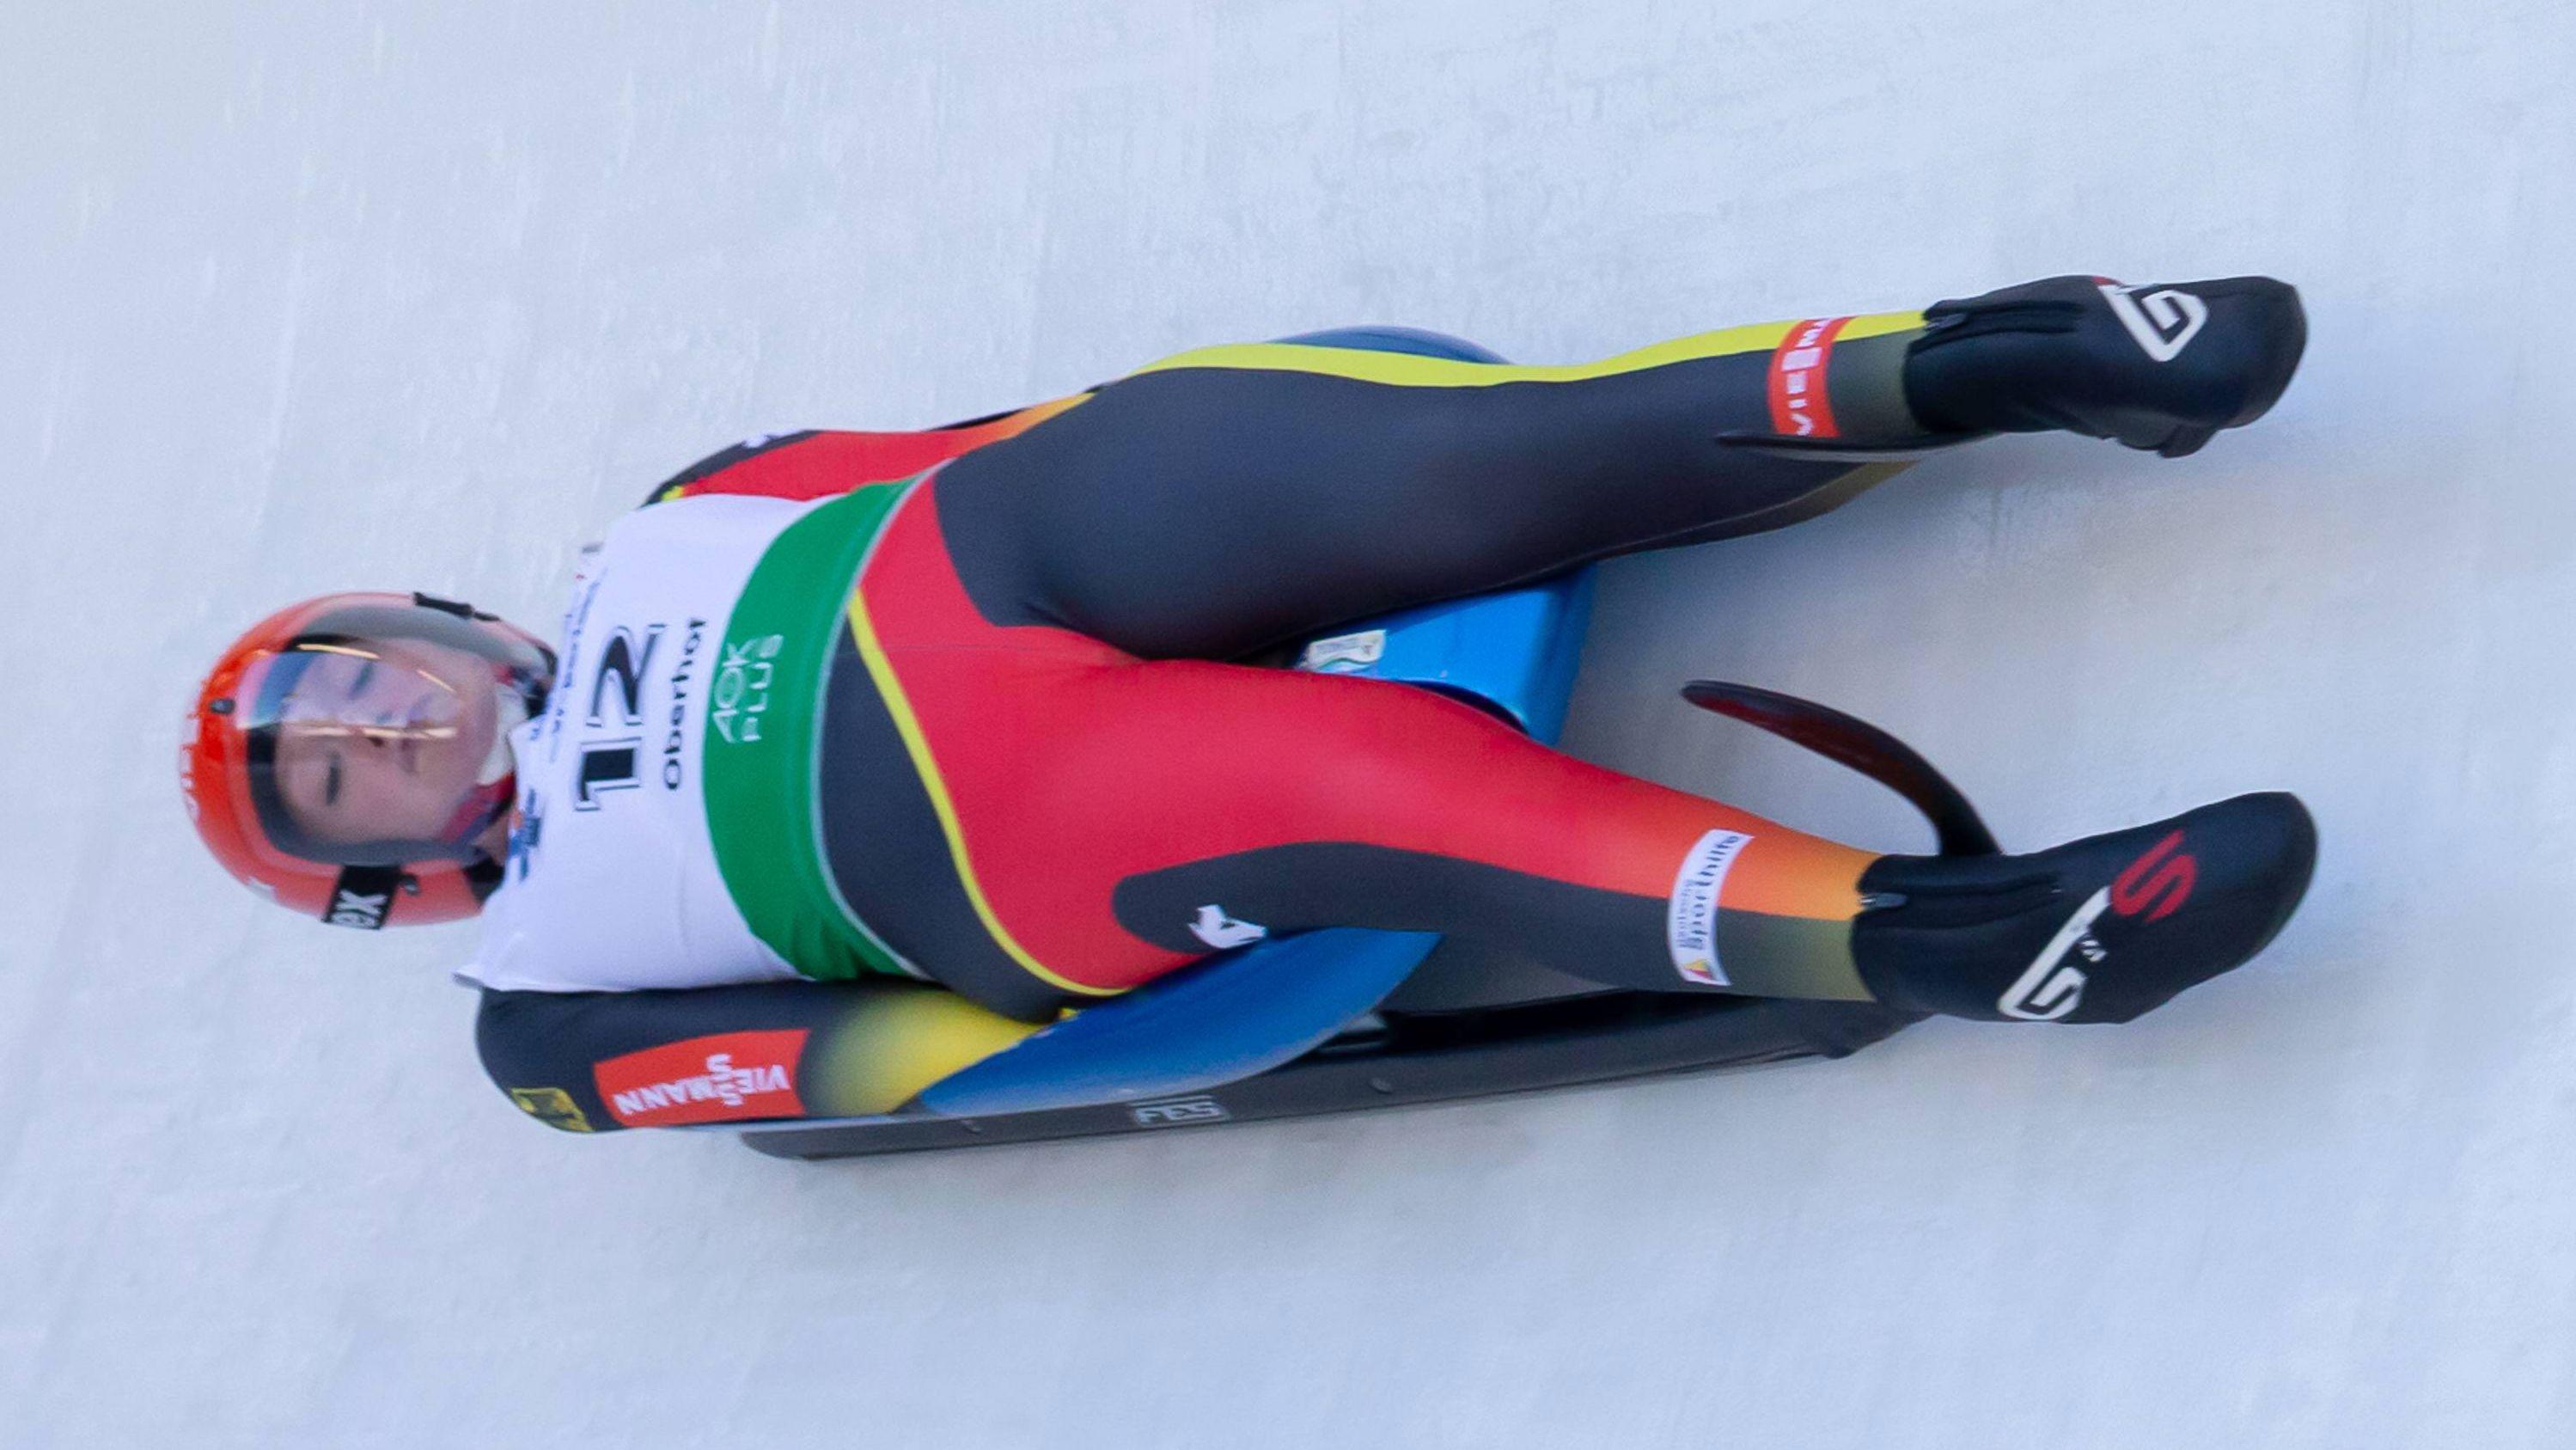 Anna Berreiter